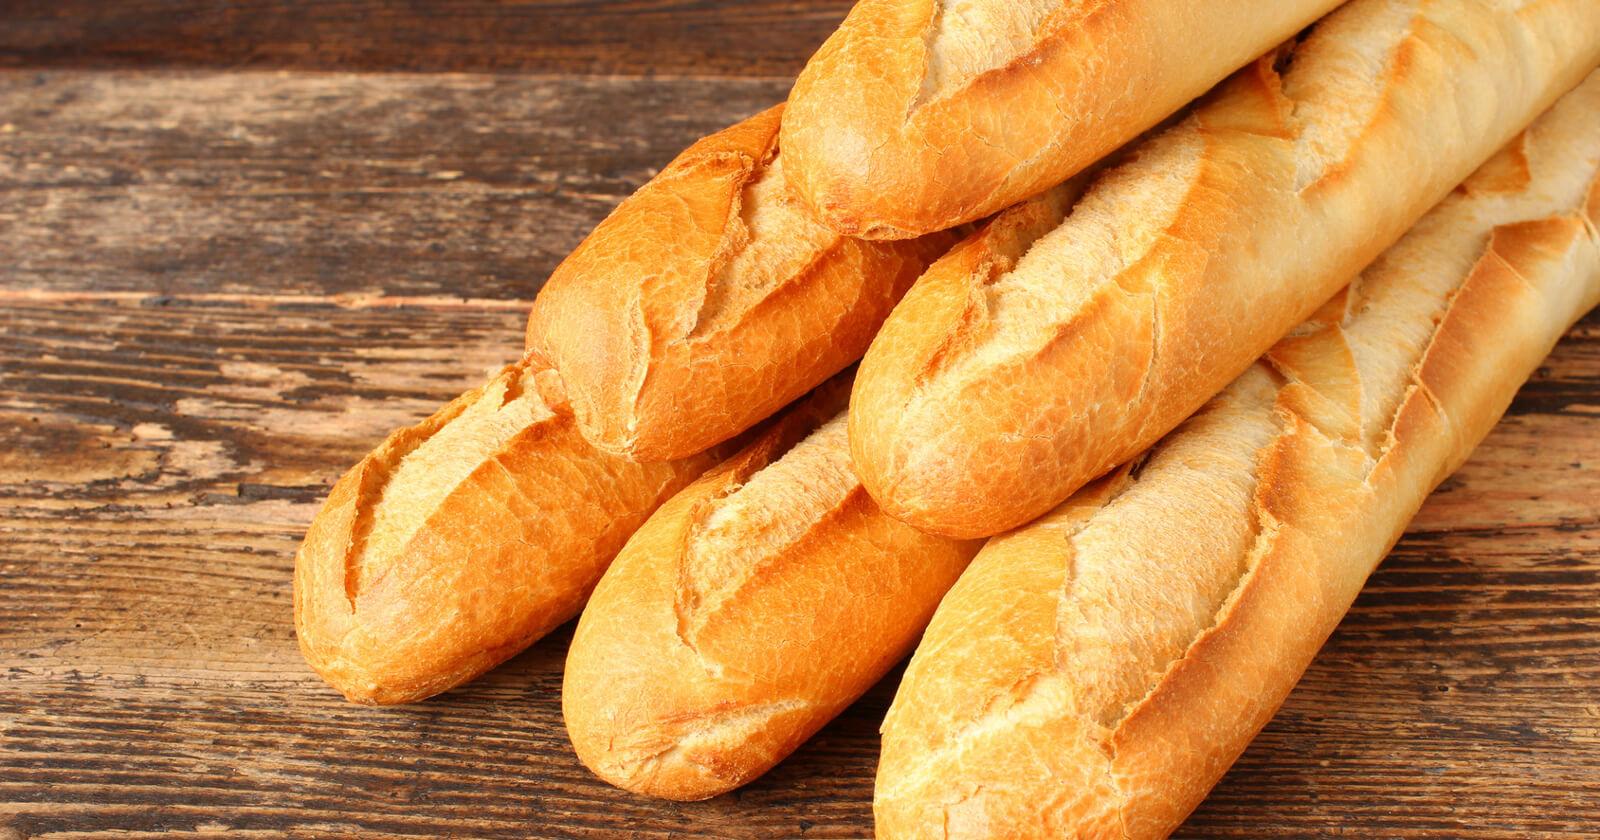 Stopfende Lebensmittel wie Weißbrot verhärten den Stuhl und verlangsamen den Verdauungsprozess